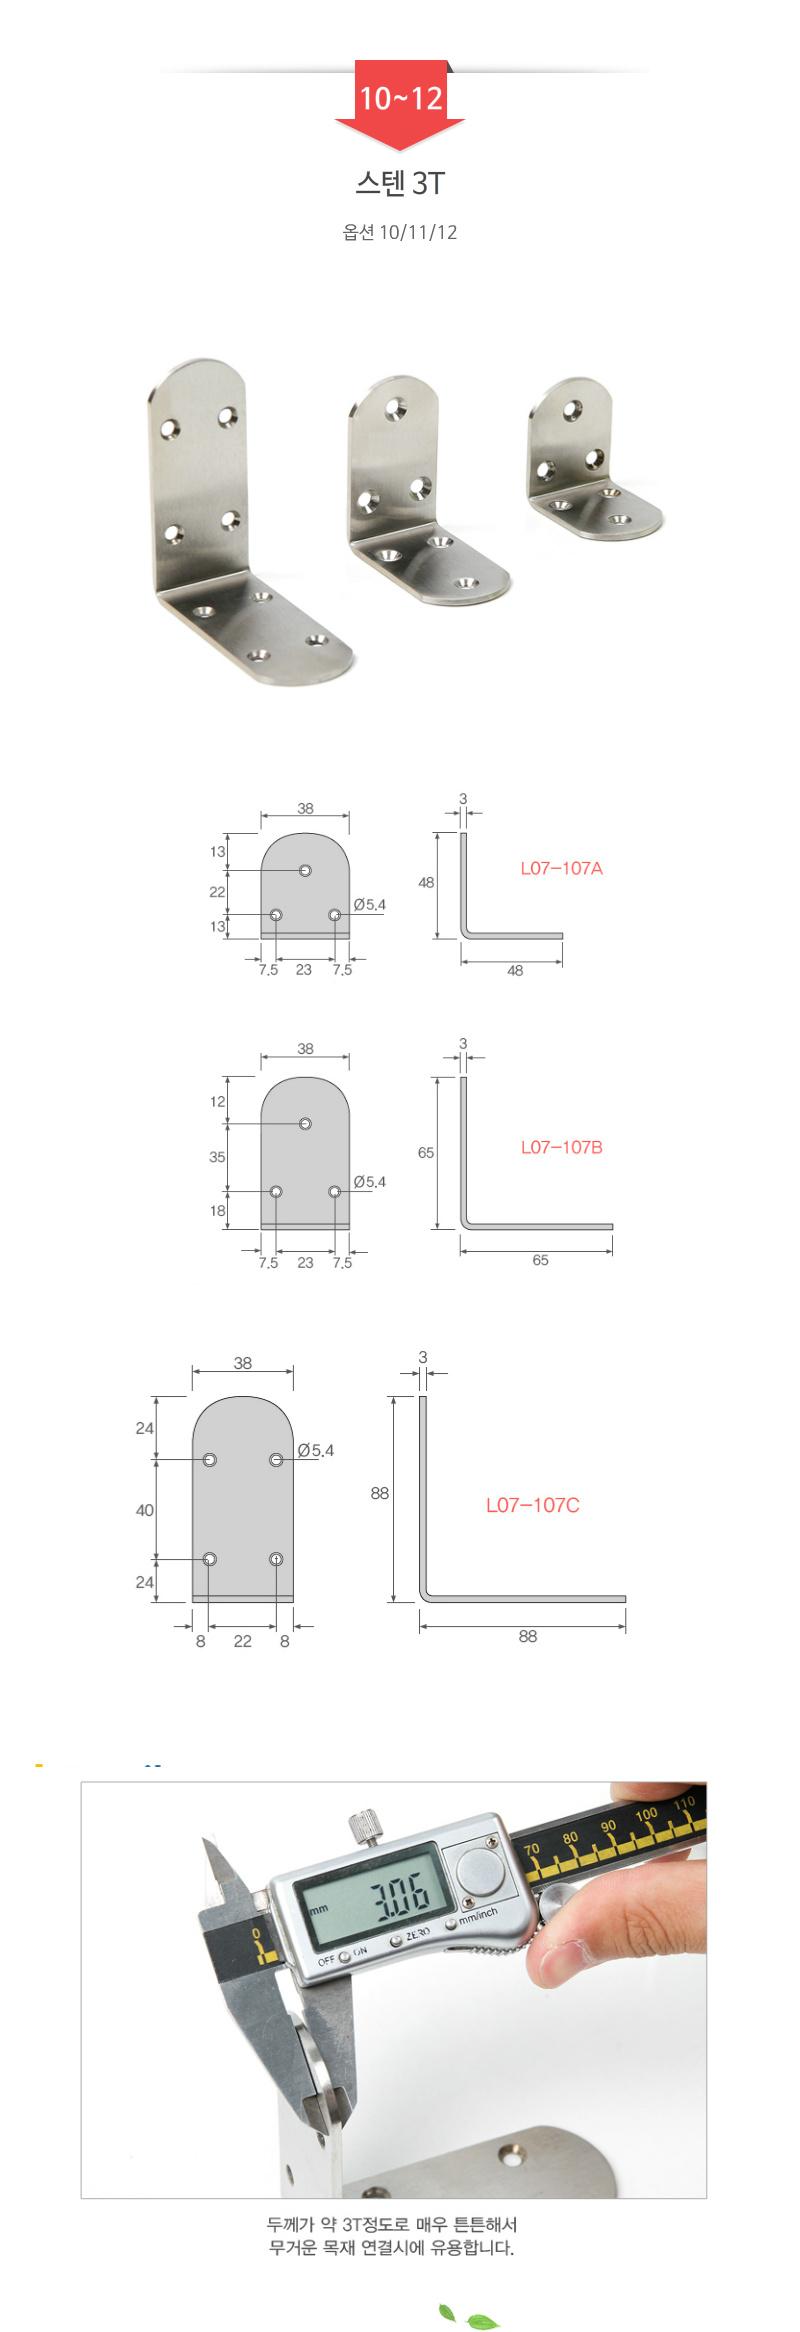 5pcs FSFR1700XSL ZIP neu und originell ZP